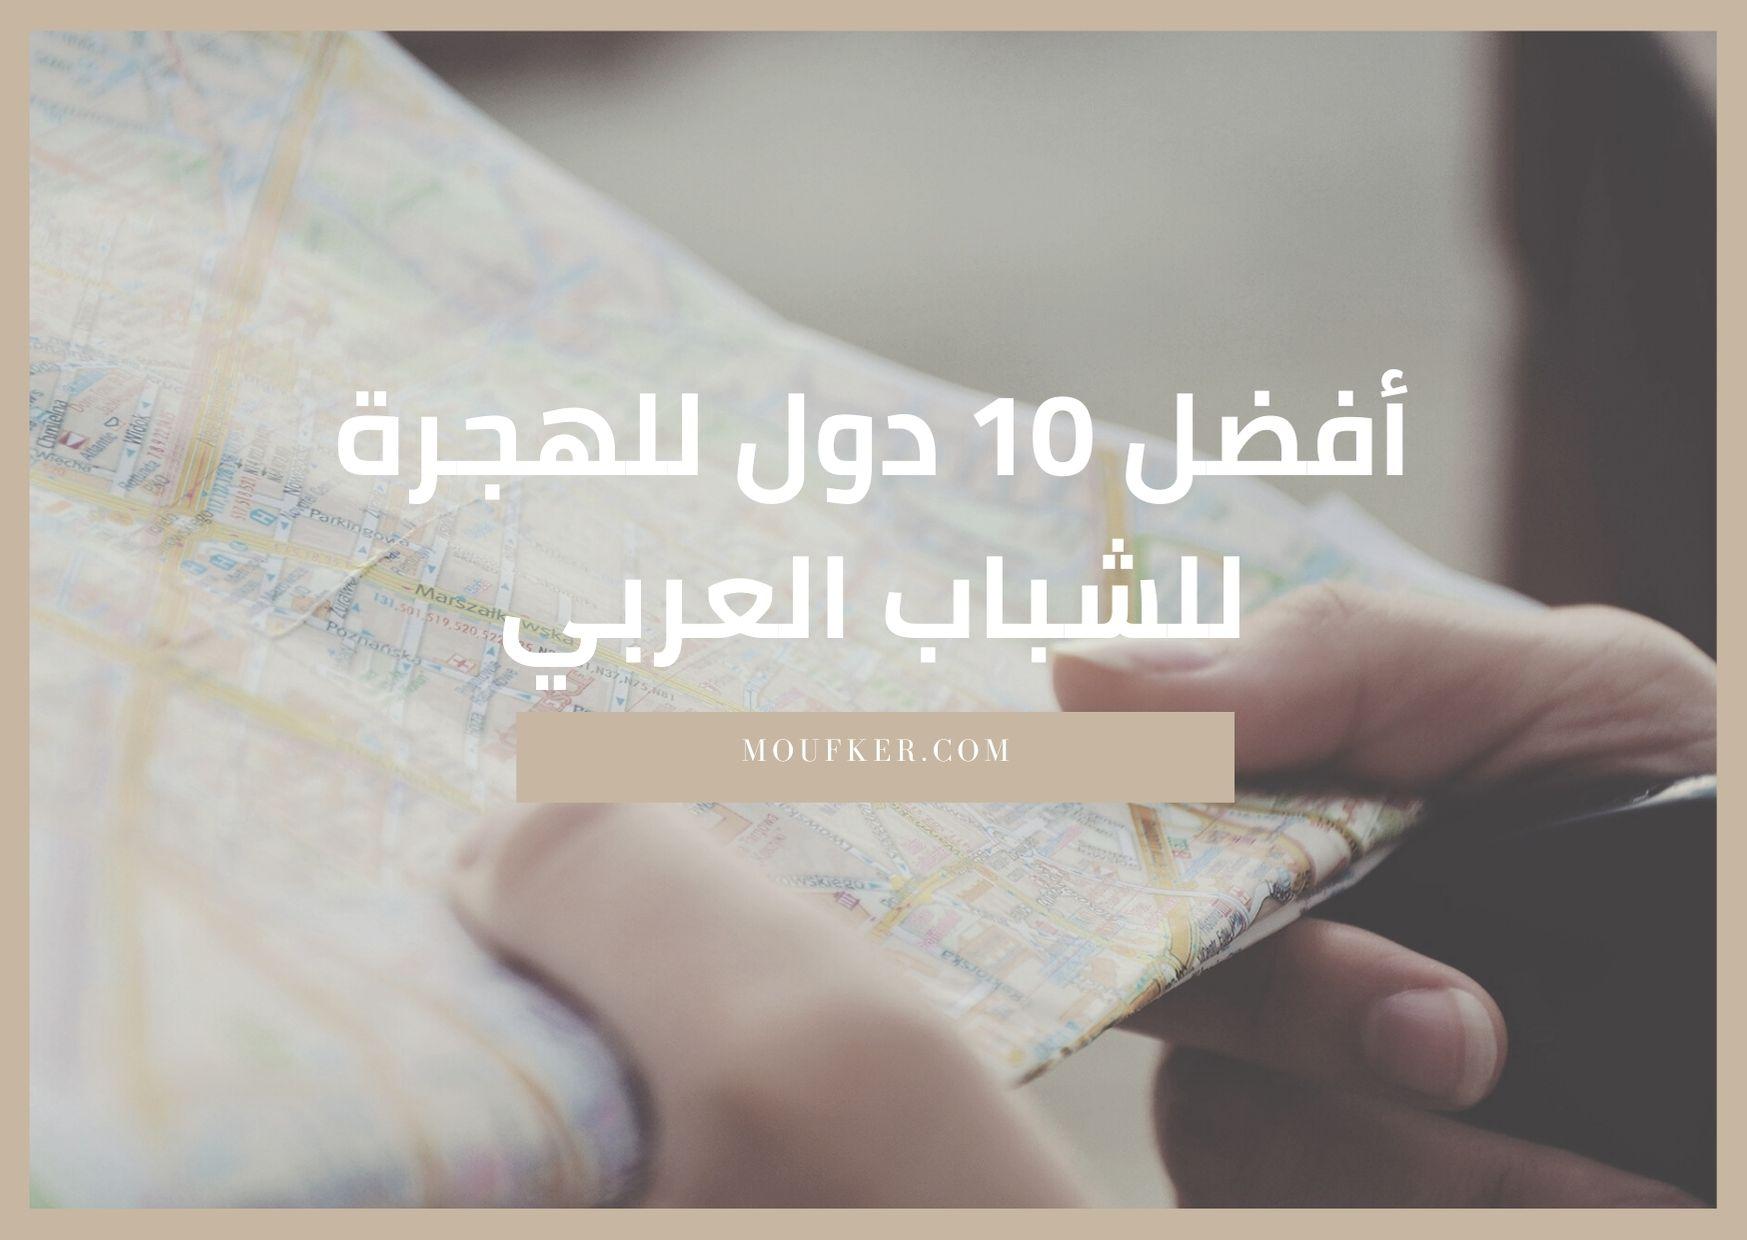 أفضل 10 دول للهجرة للشباب العربي